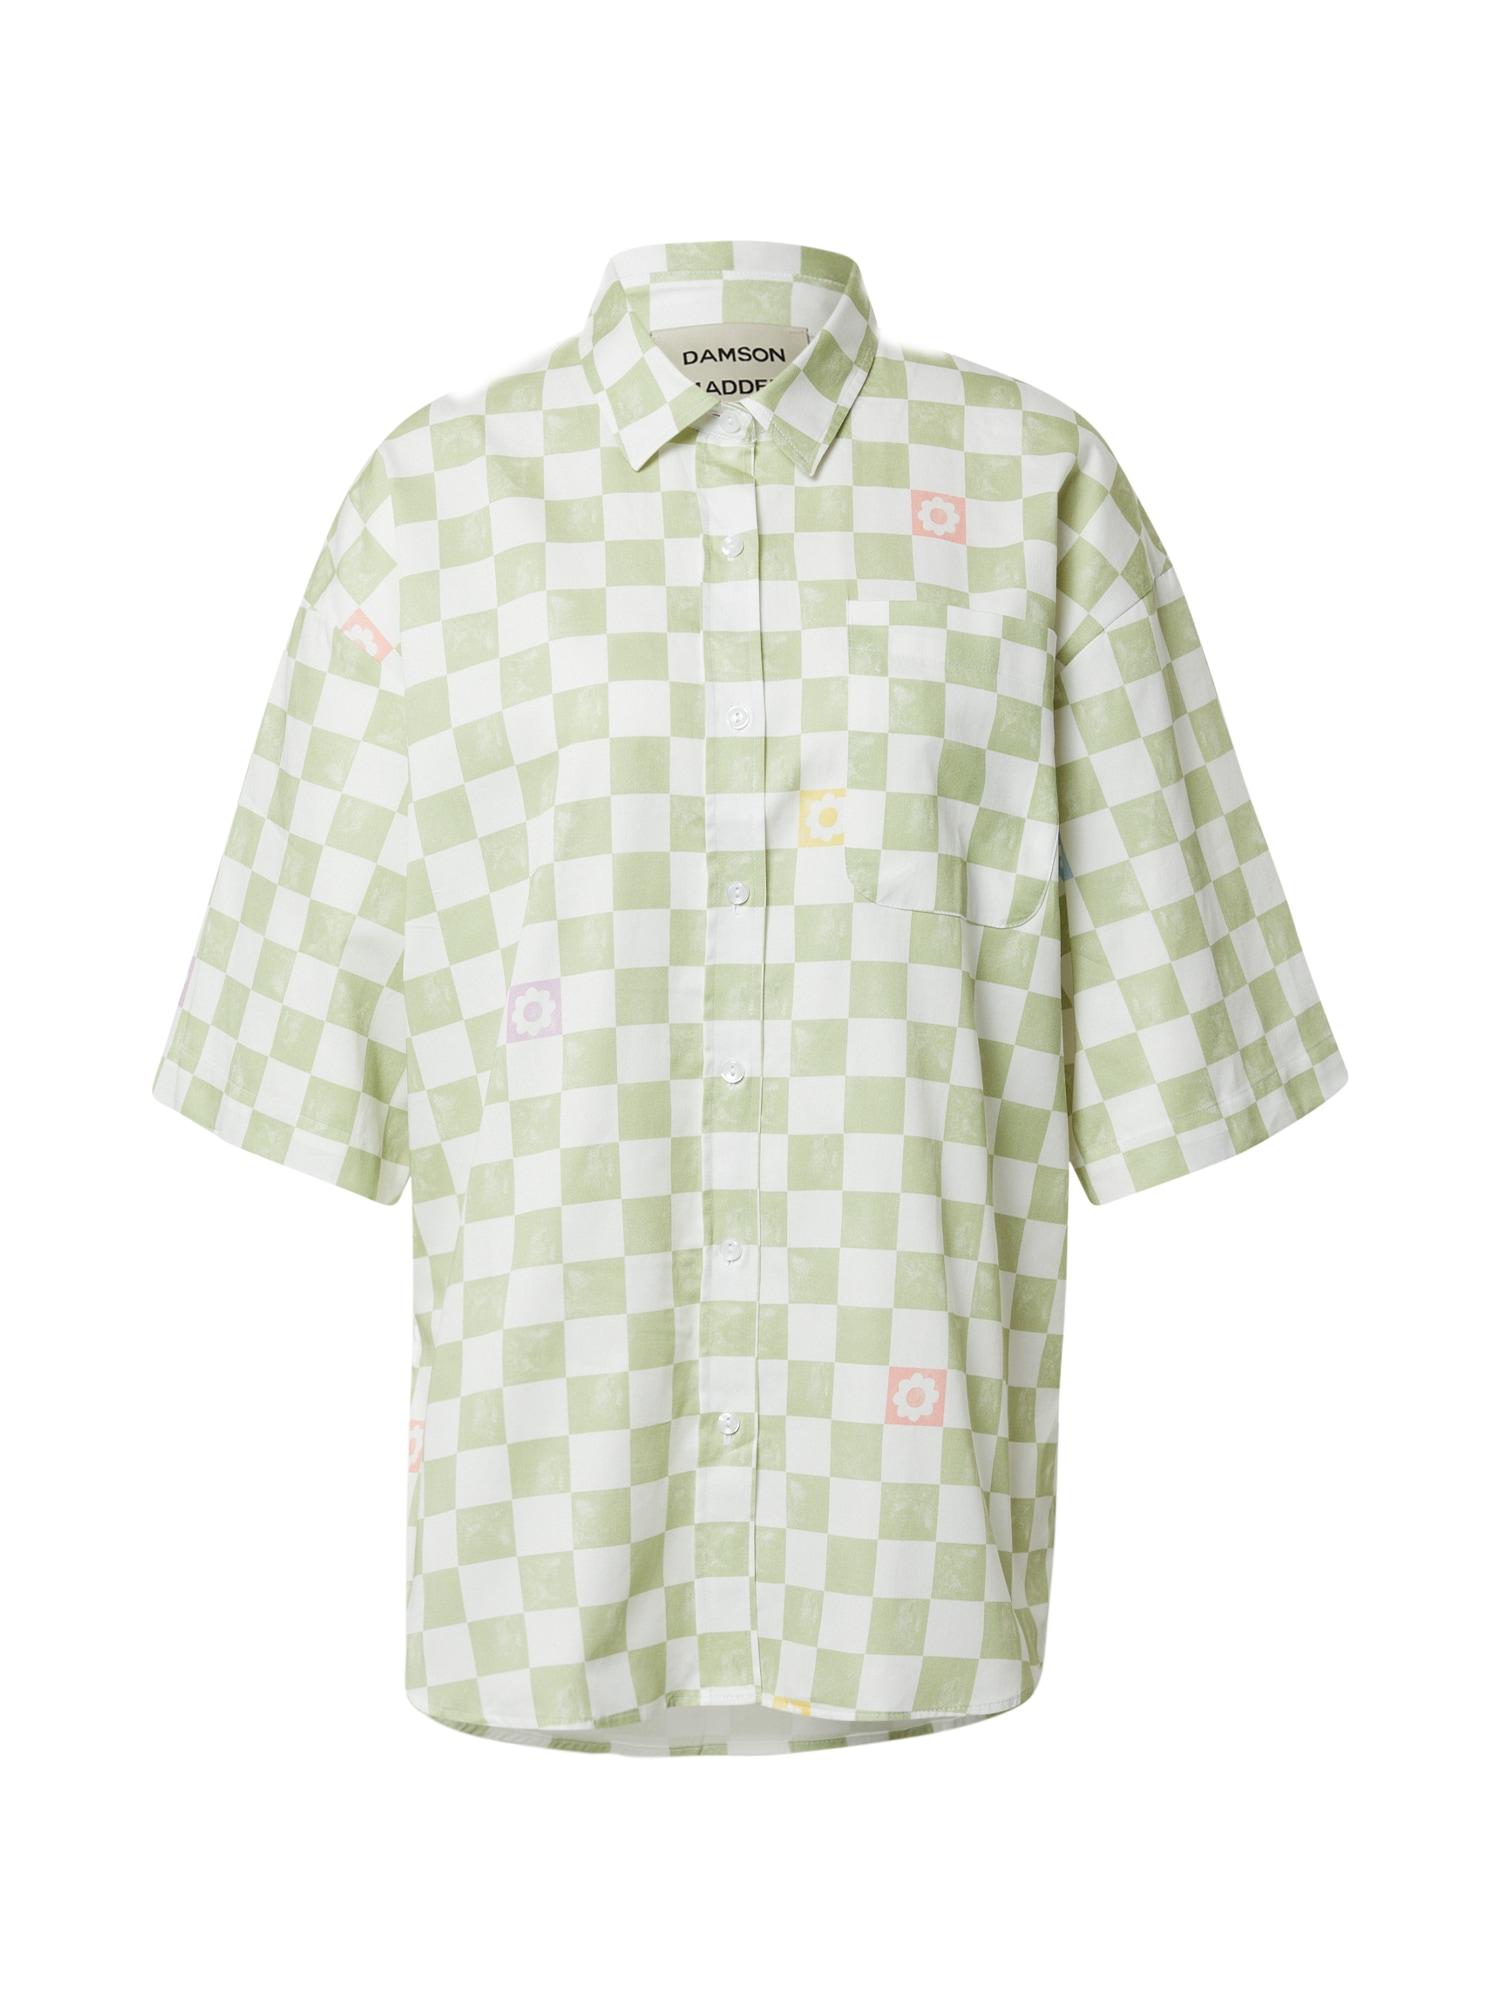 Damson Madder Palaidinė pastelinė žalia / balta / rožinė / šafrano spalva / šviesiai violetinė